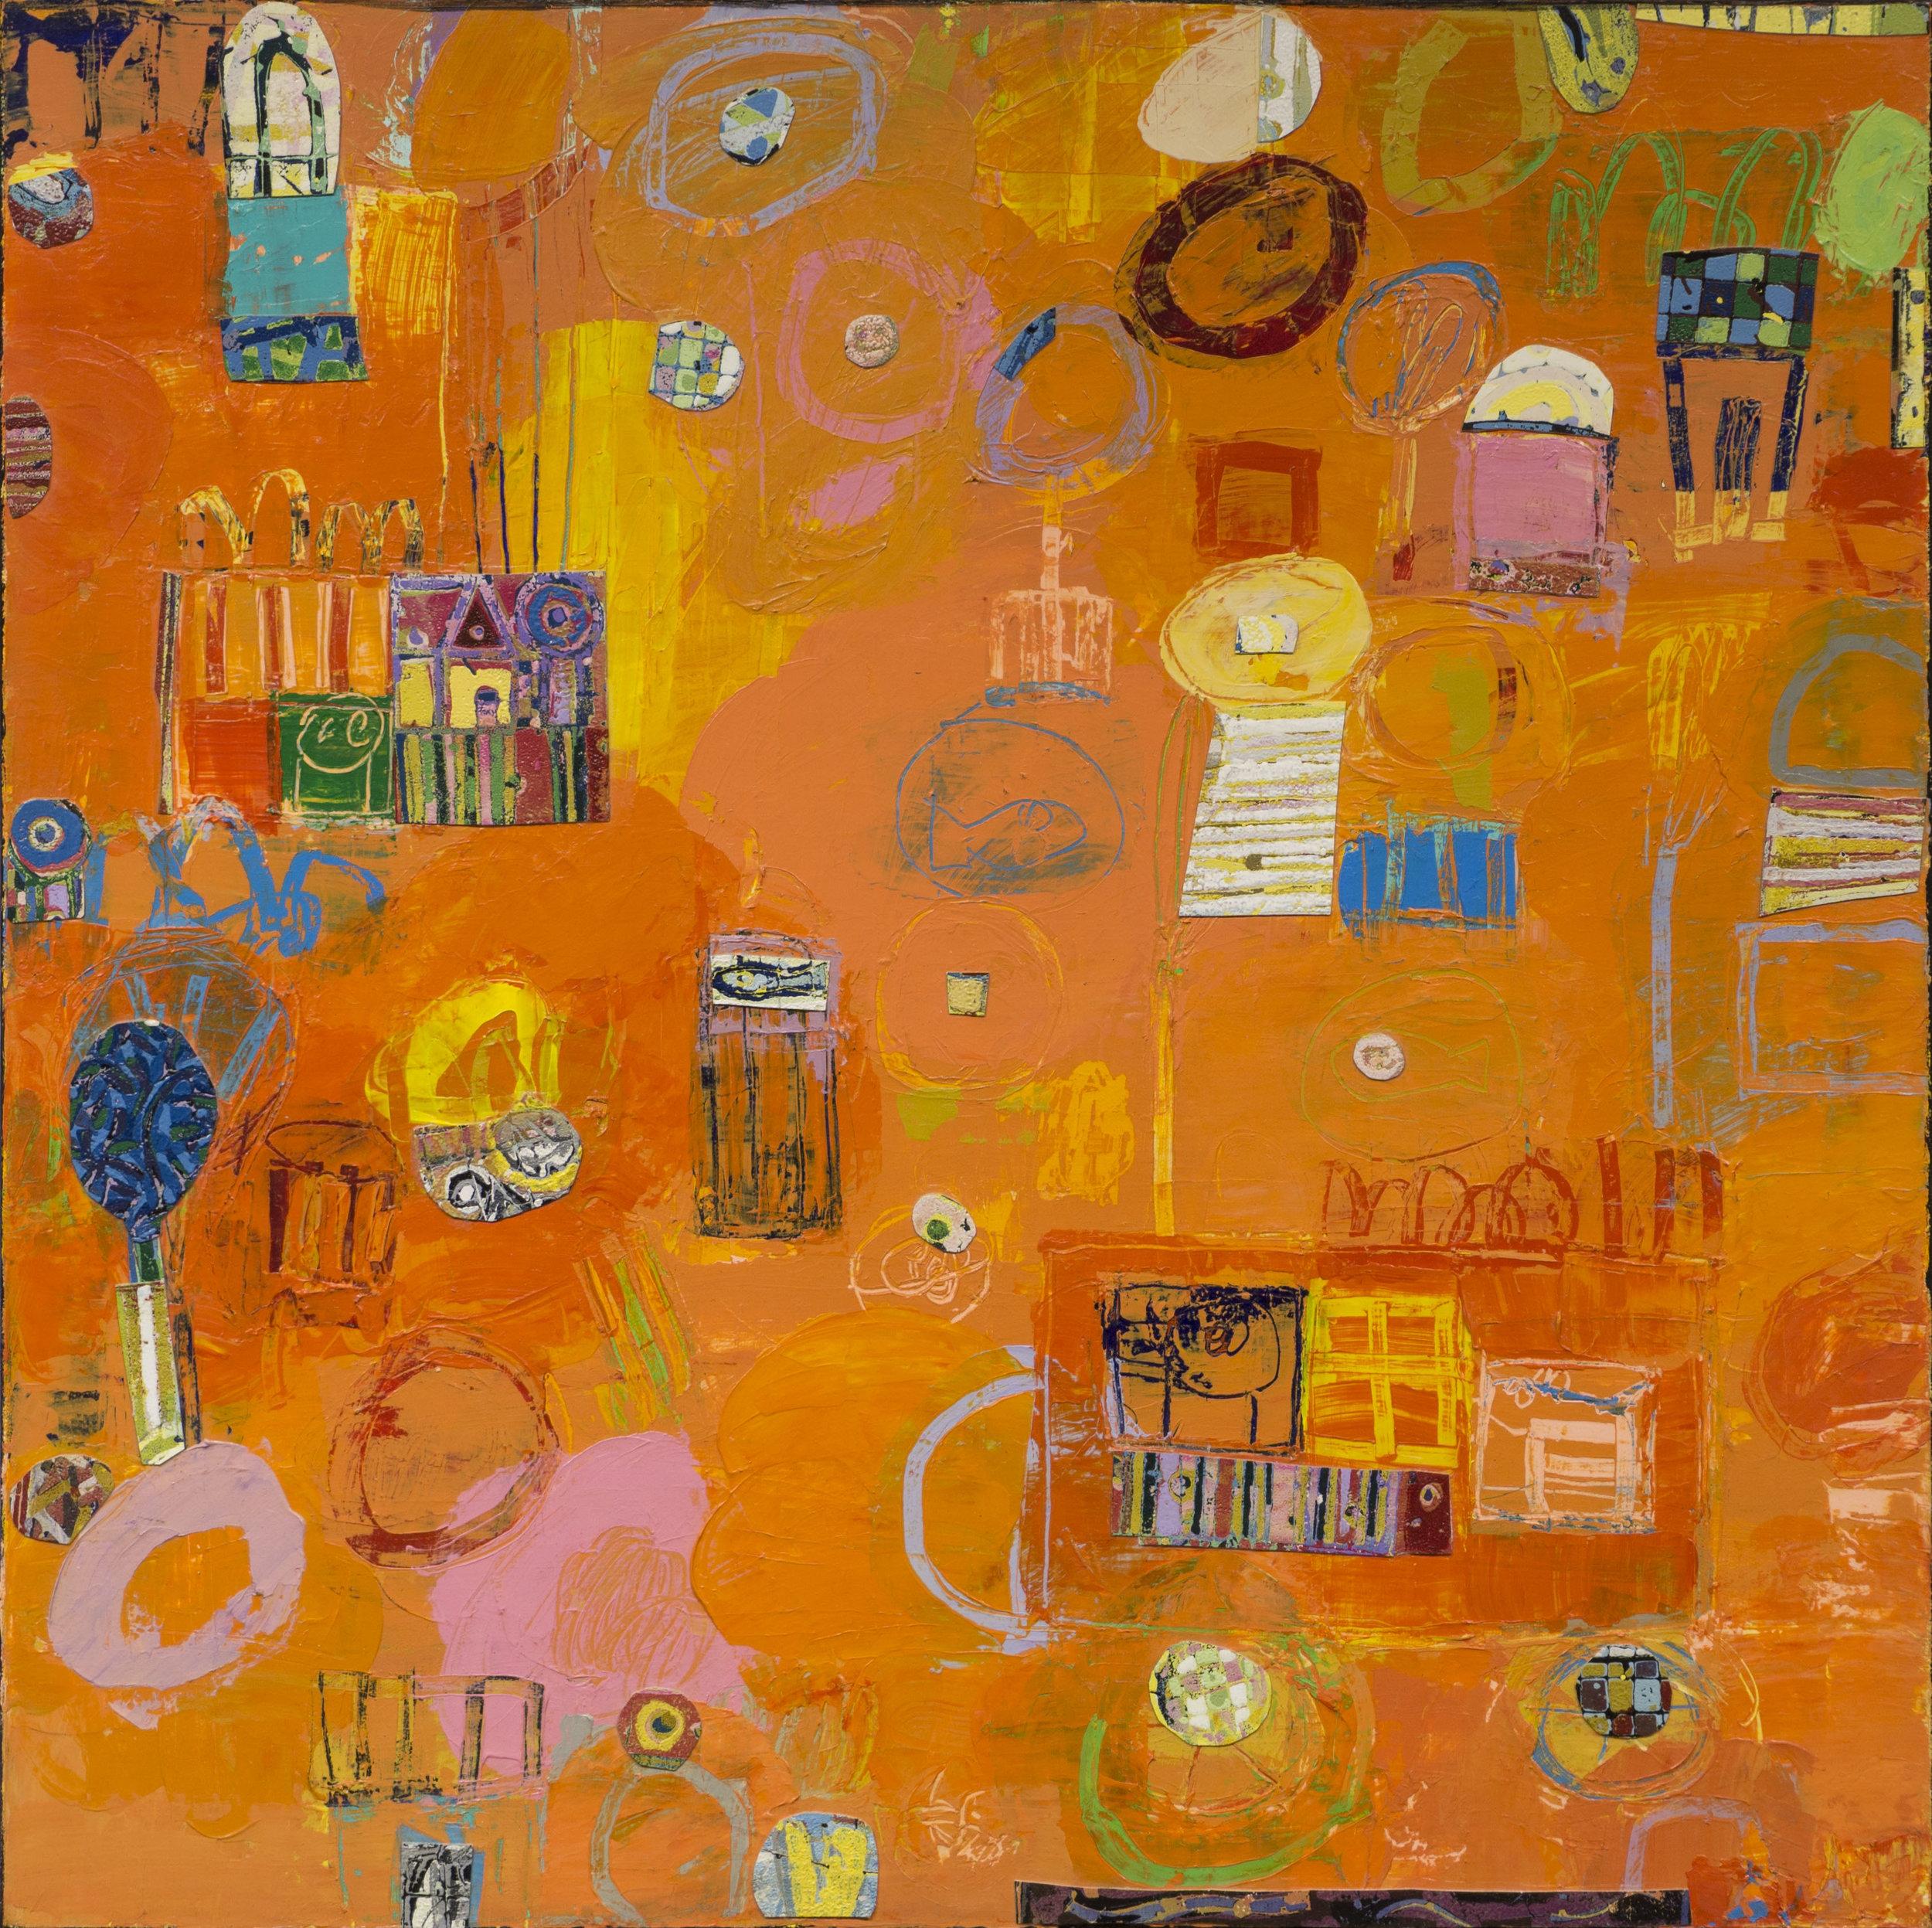 Lee_Orange Panel.jpg